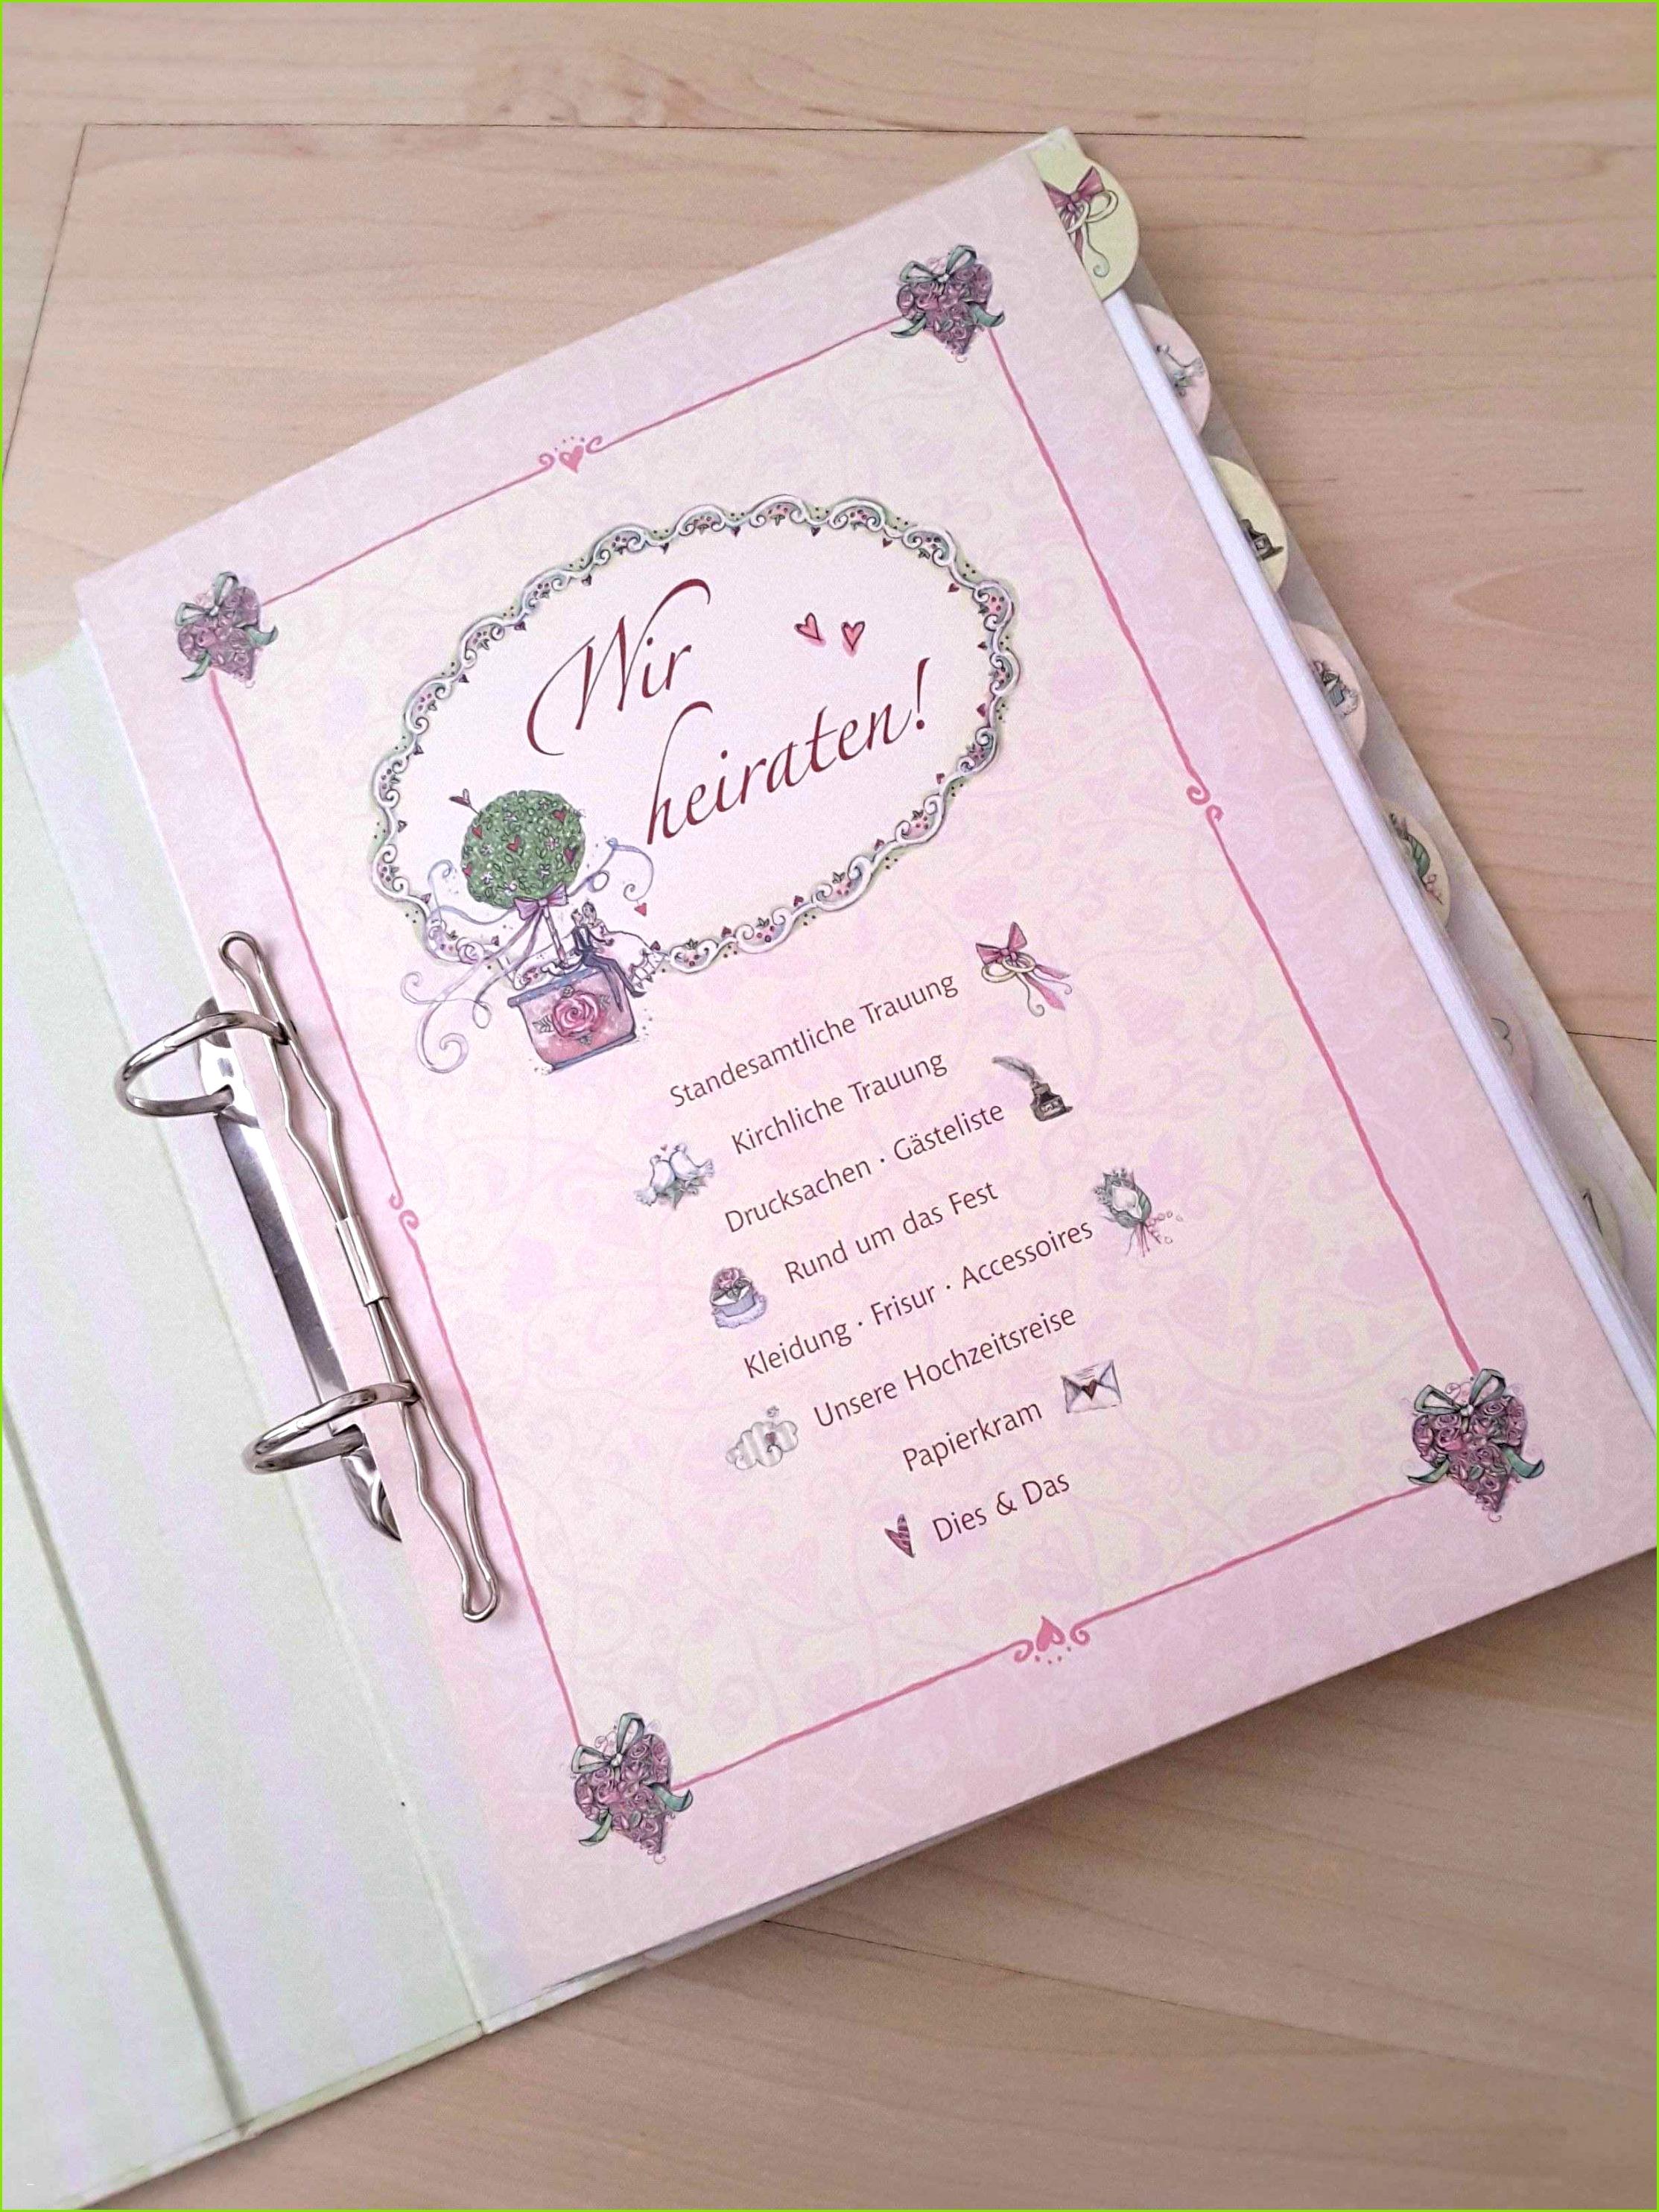 Kommunionkerzen Vorlagen Die Besten Tischkarten Muster Neu Media Image 0d 59 82 Hochzeitsordner 26 Neu